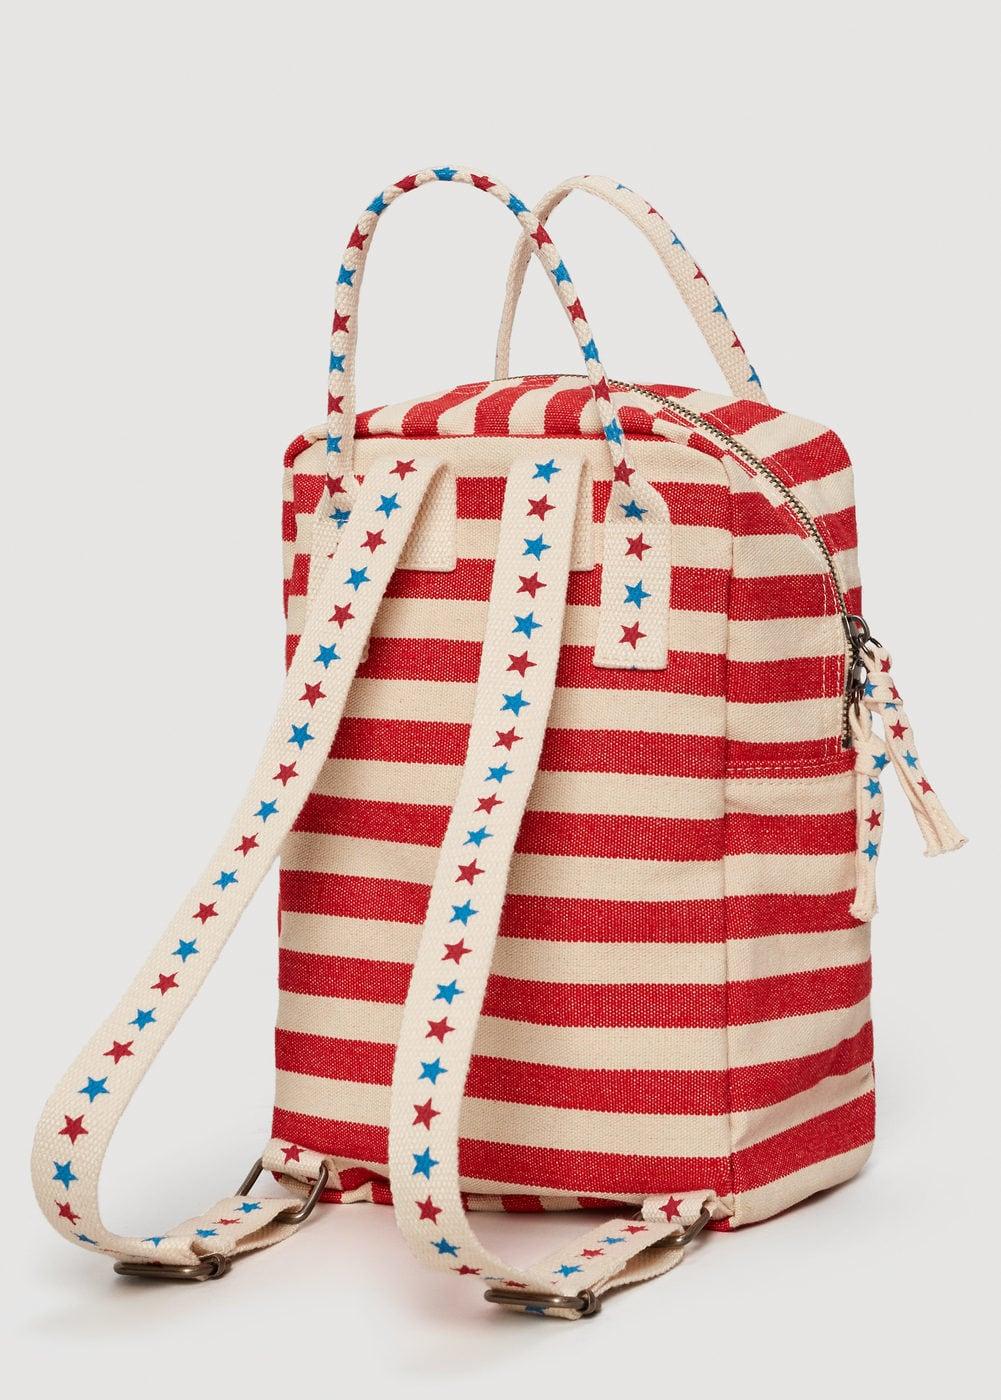 Mango Kids Striped Canvas Backpack, $39.99-.jpg